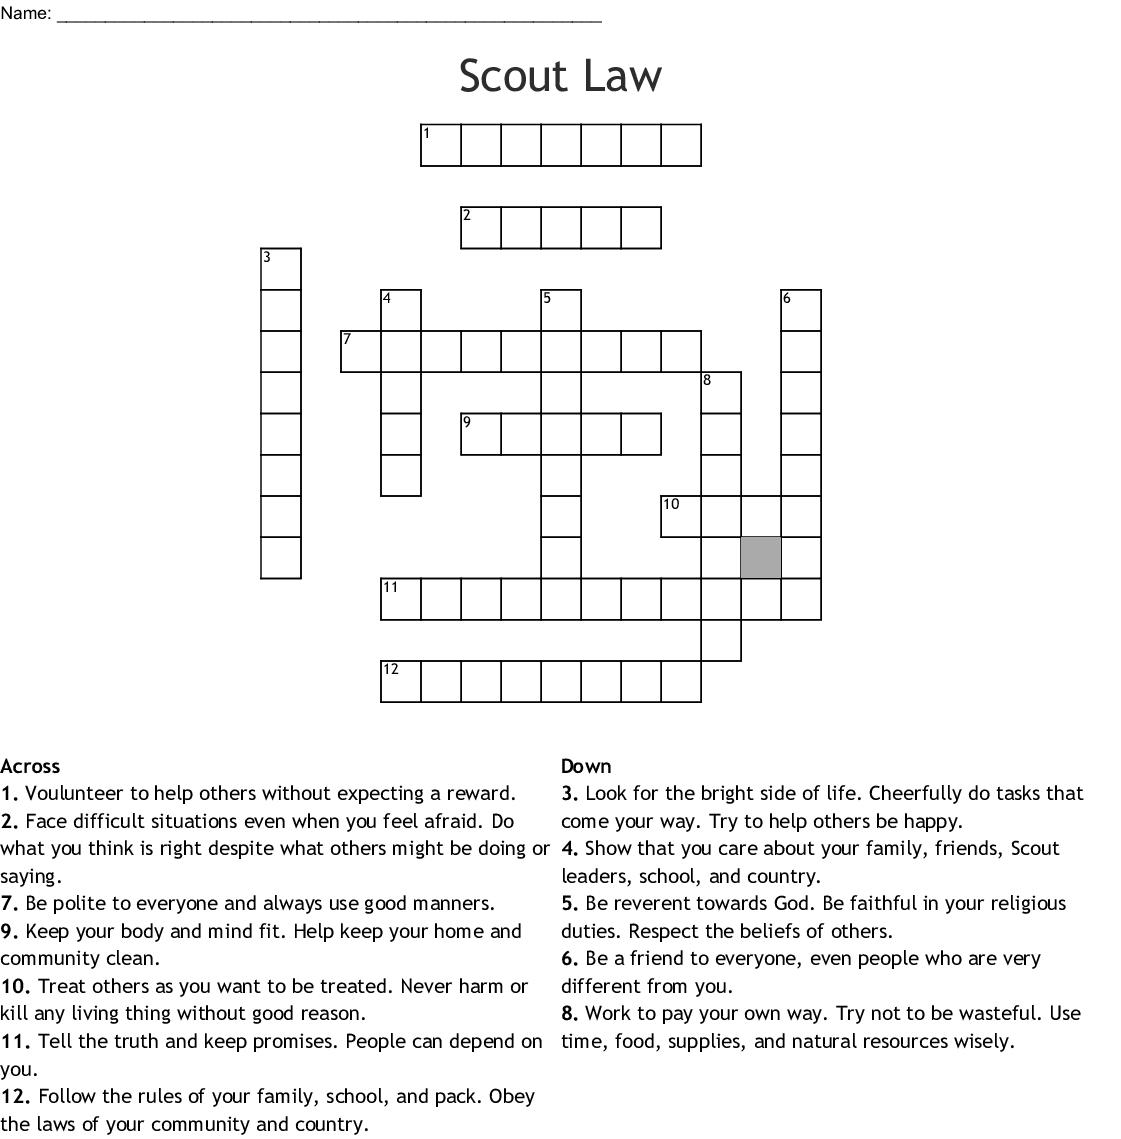 Boy Scout Law Crossword